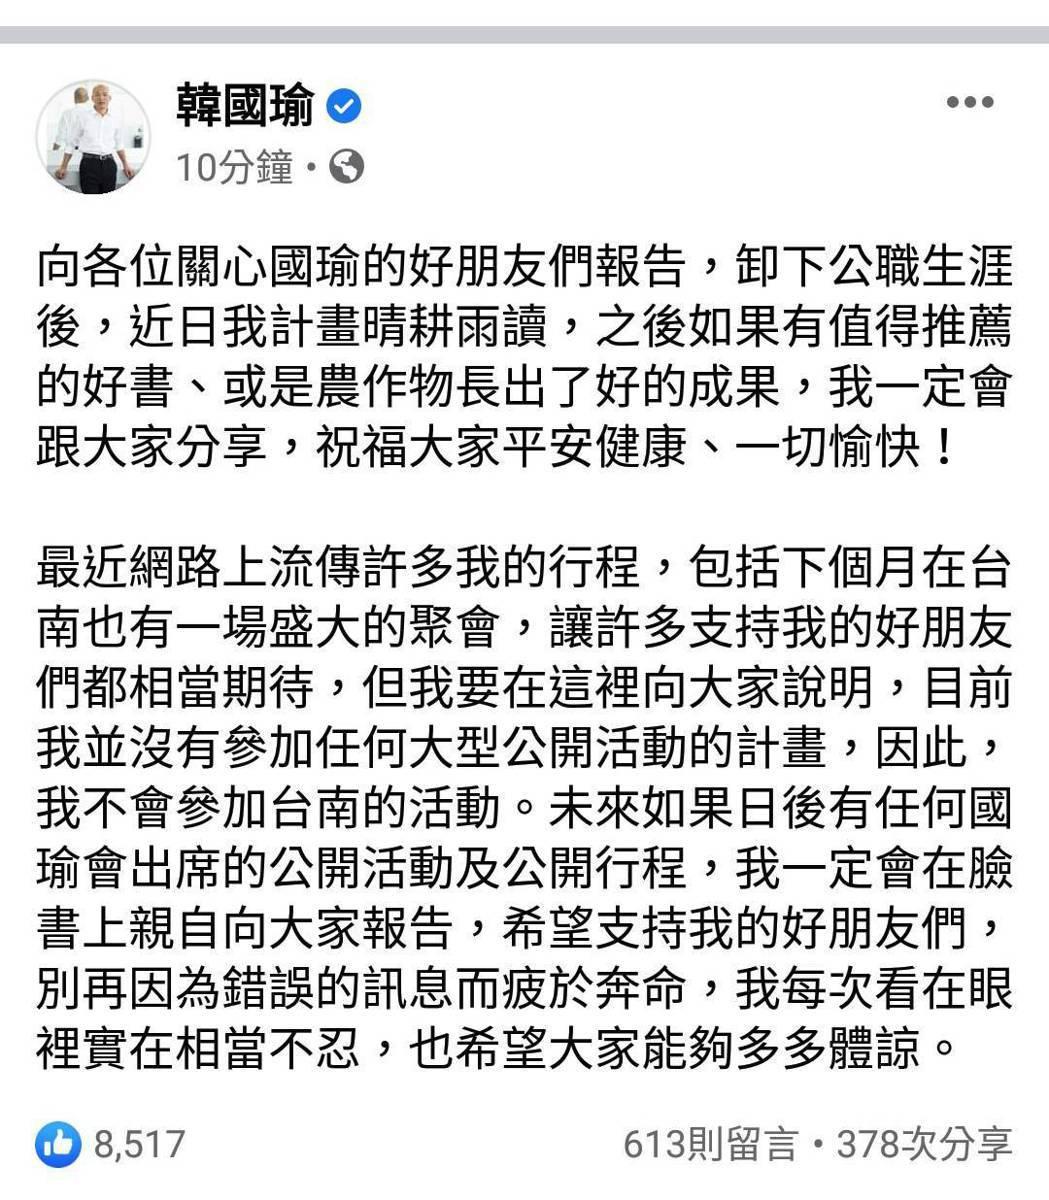 高雄市前市長韓國瑜今晚發臉書,強調目前沒有參加大型公開活動計畫。圖/取自韓國瑜臉...